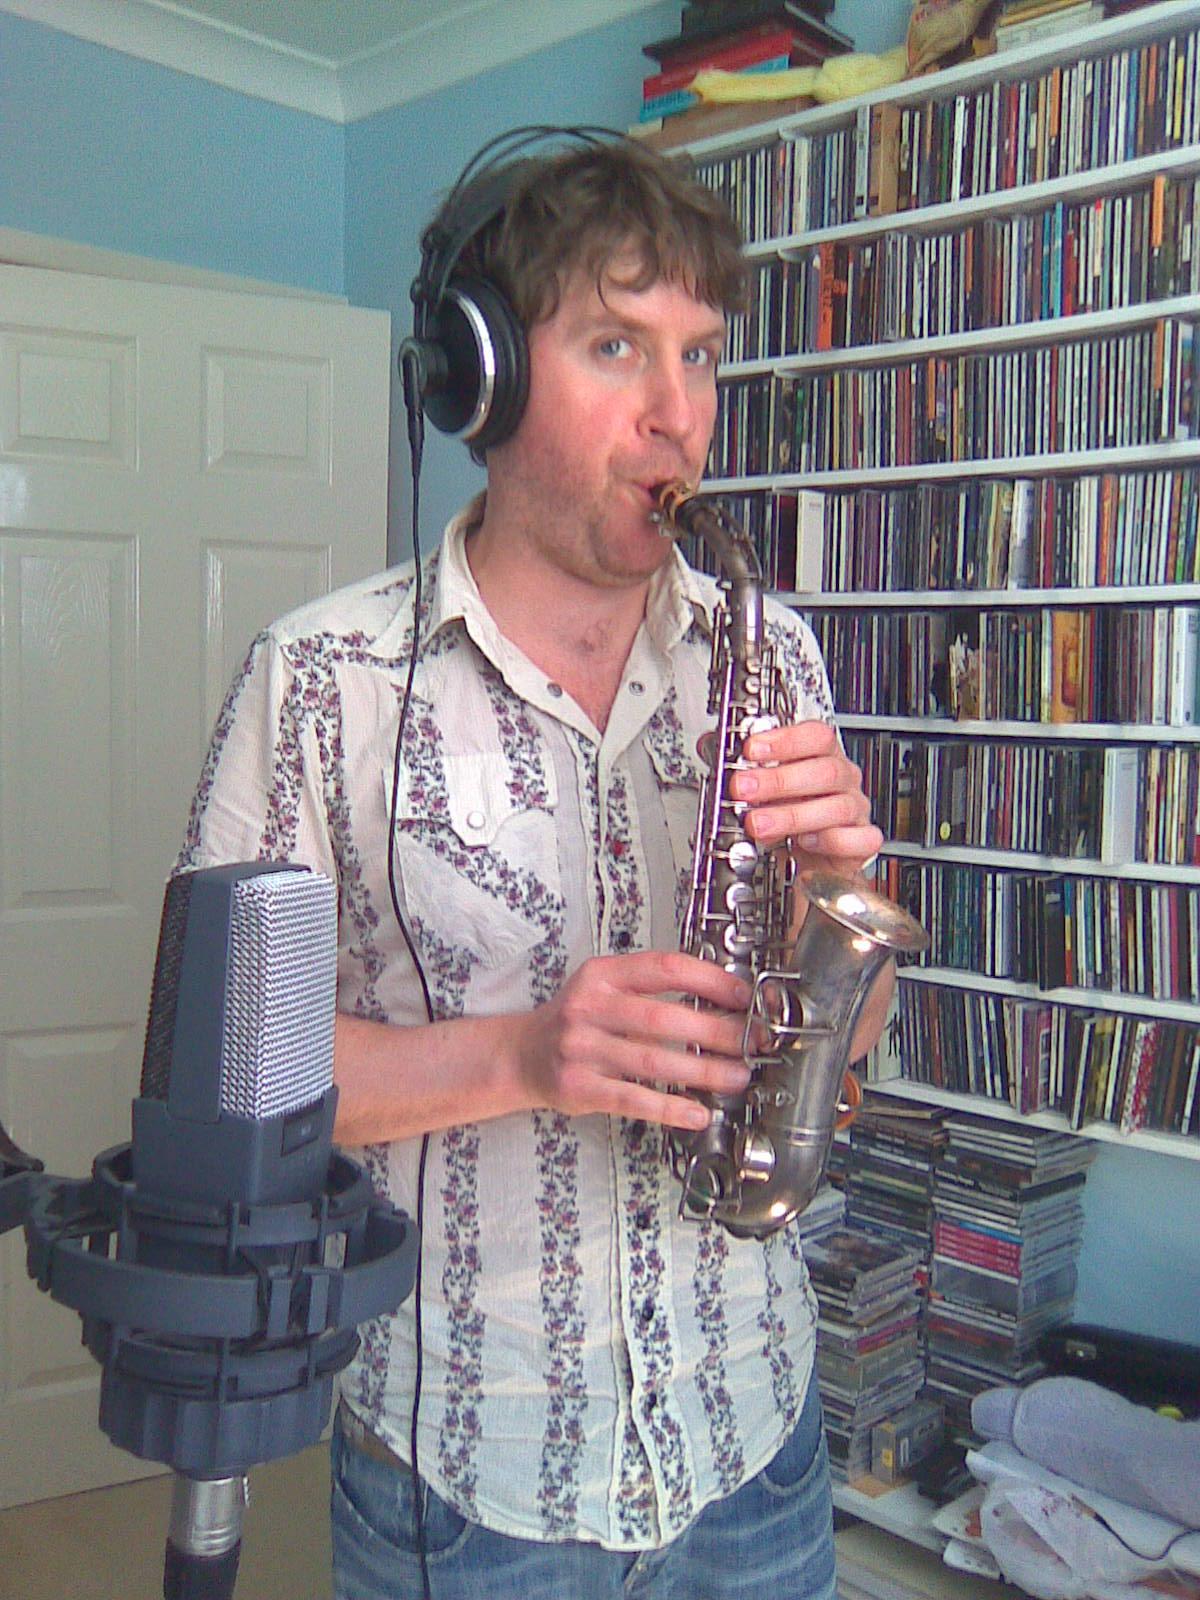 comment essayer un saxophone Comment savoir si on est un peu doué pour la musique sans avoir jamais essayé   dans tous les cas il est bon que l'enfant puisse essayer un instrument, plutôt .